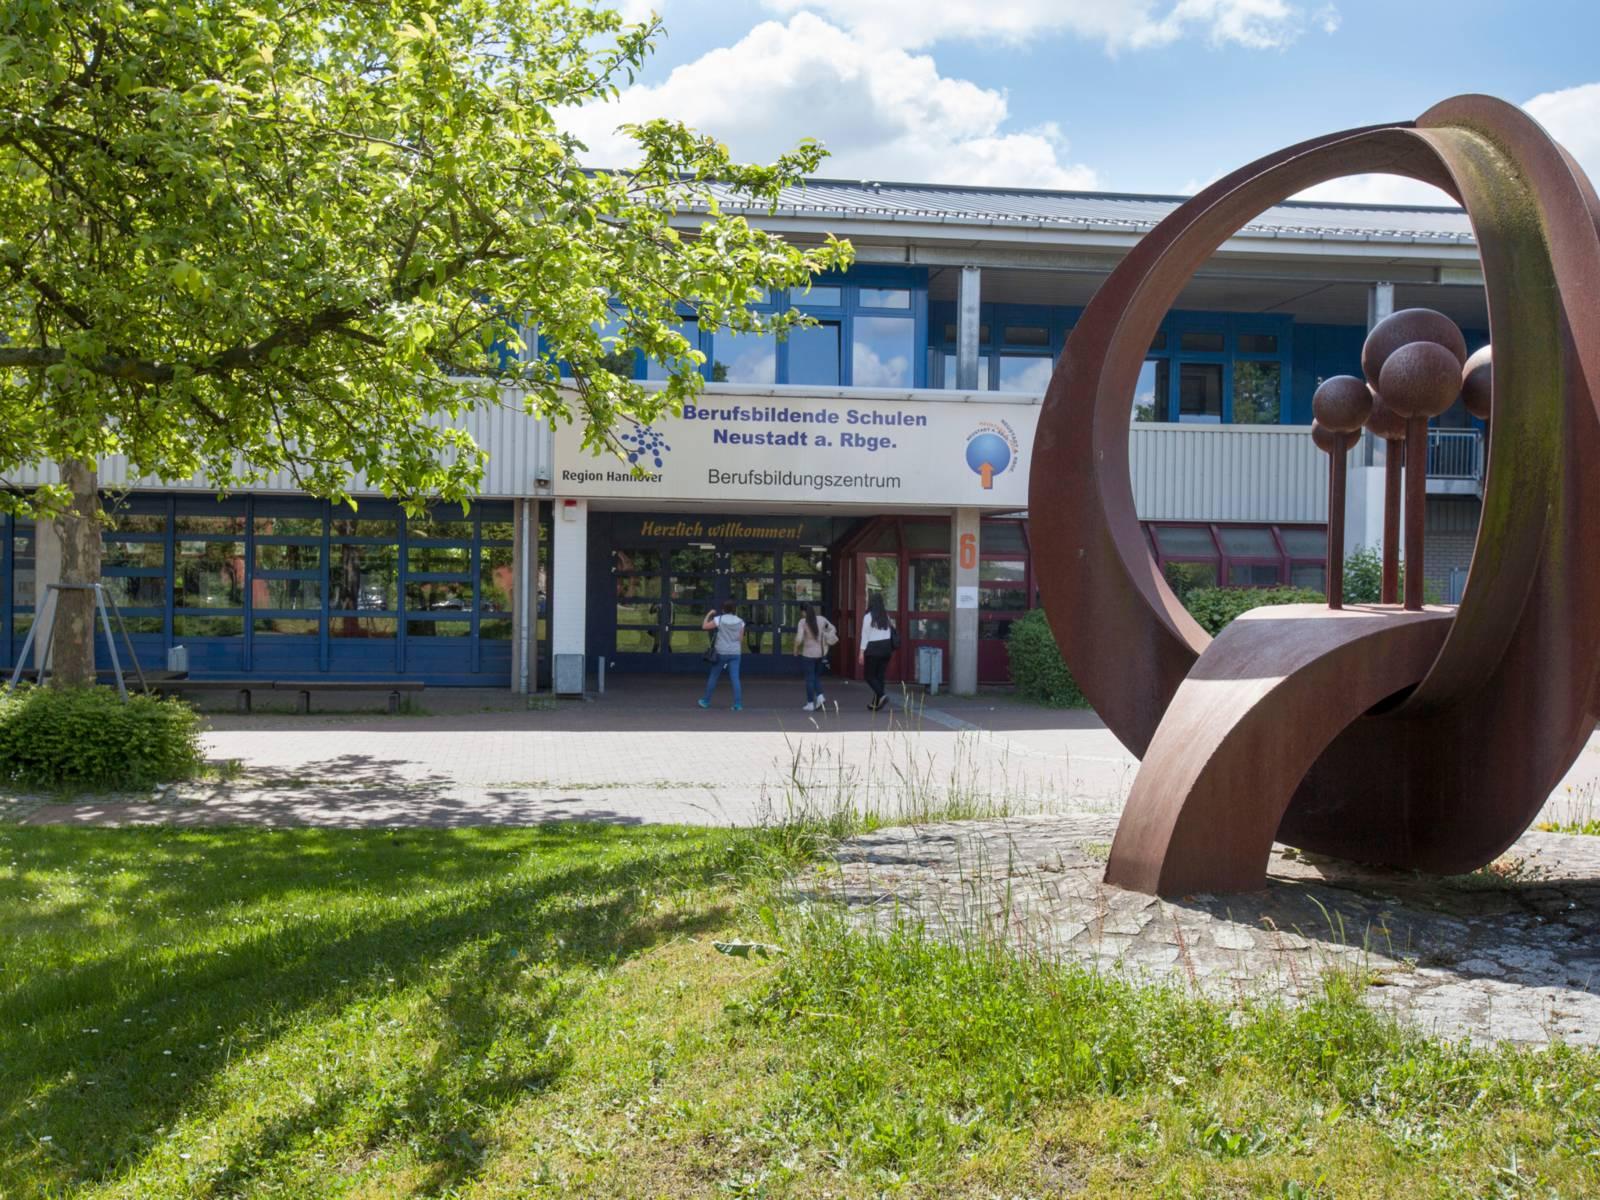 Blick auf den Eingang des Berufsbildungs-Zentrum der Berufsbildenden Schule Neustadt am Rübenberge.